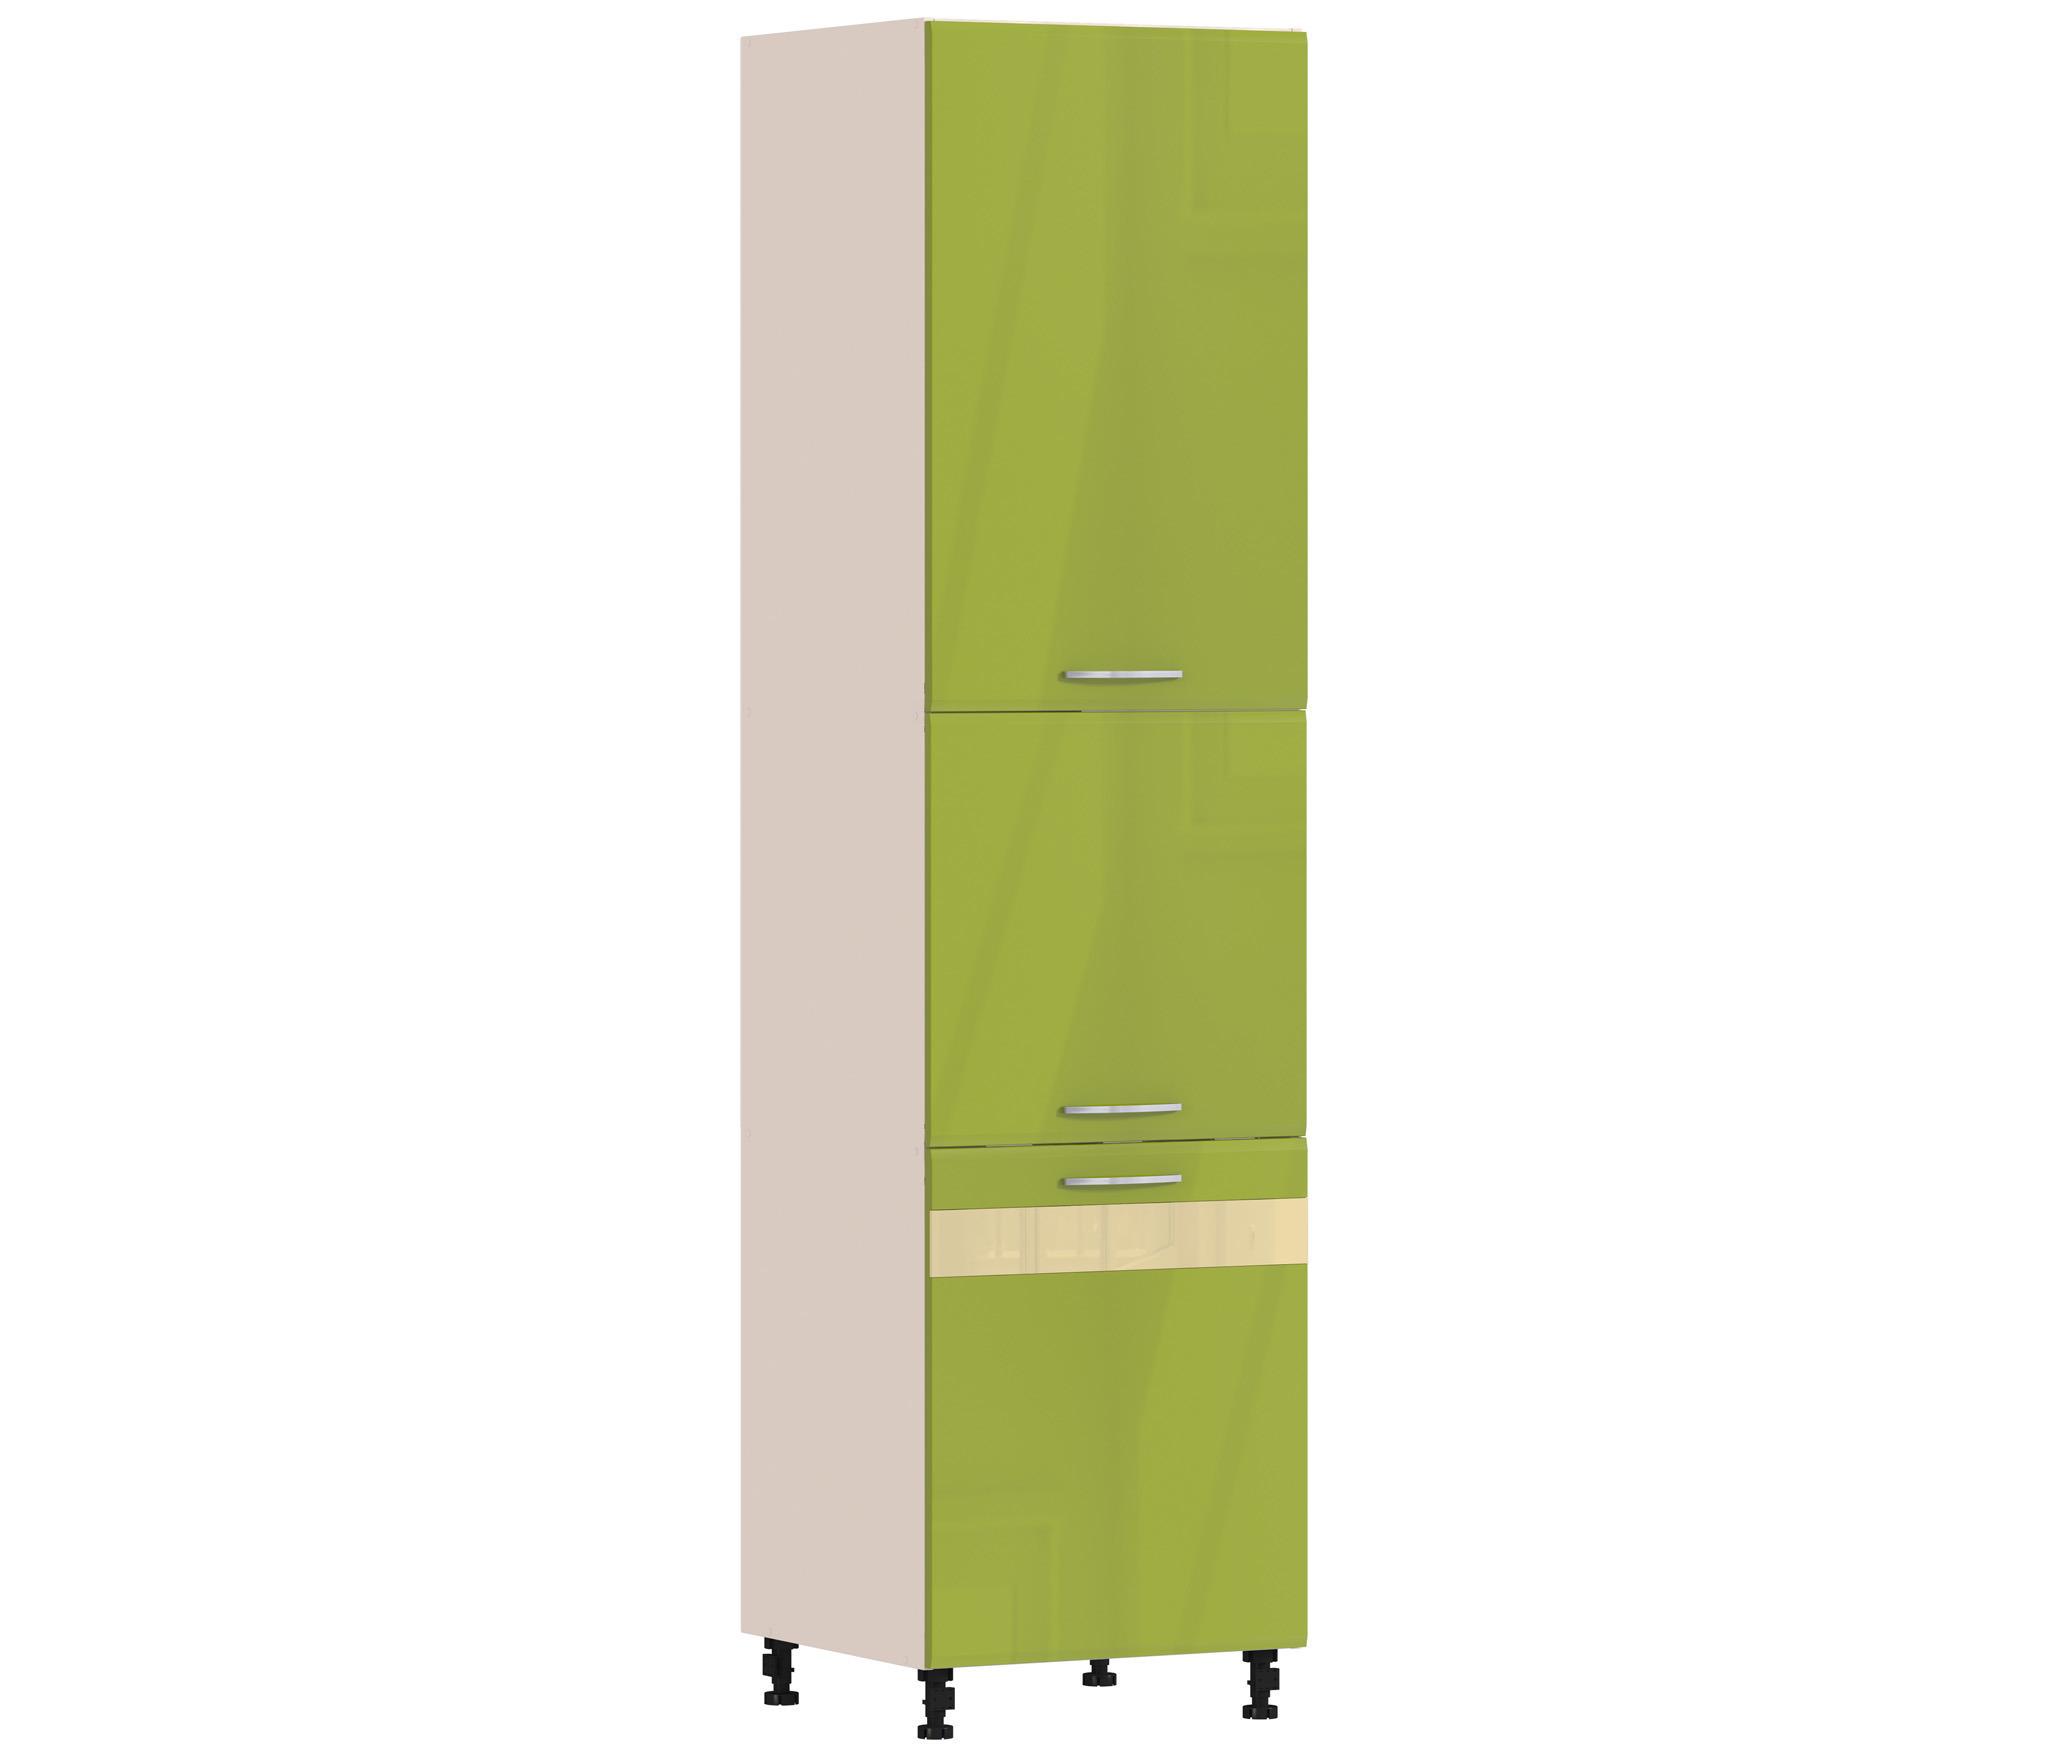 Регина РП-360 пеналГарнитуры<br>Пенал Регина РП-360, имея изящный дизайн и занимая минимум места на кухне, сможет вместить в себя большое количество предметов посуды и кухонной утвари.<br><br>Длина мм: 600<br>Высота мм: 2370<br>Глубина мм: 563